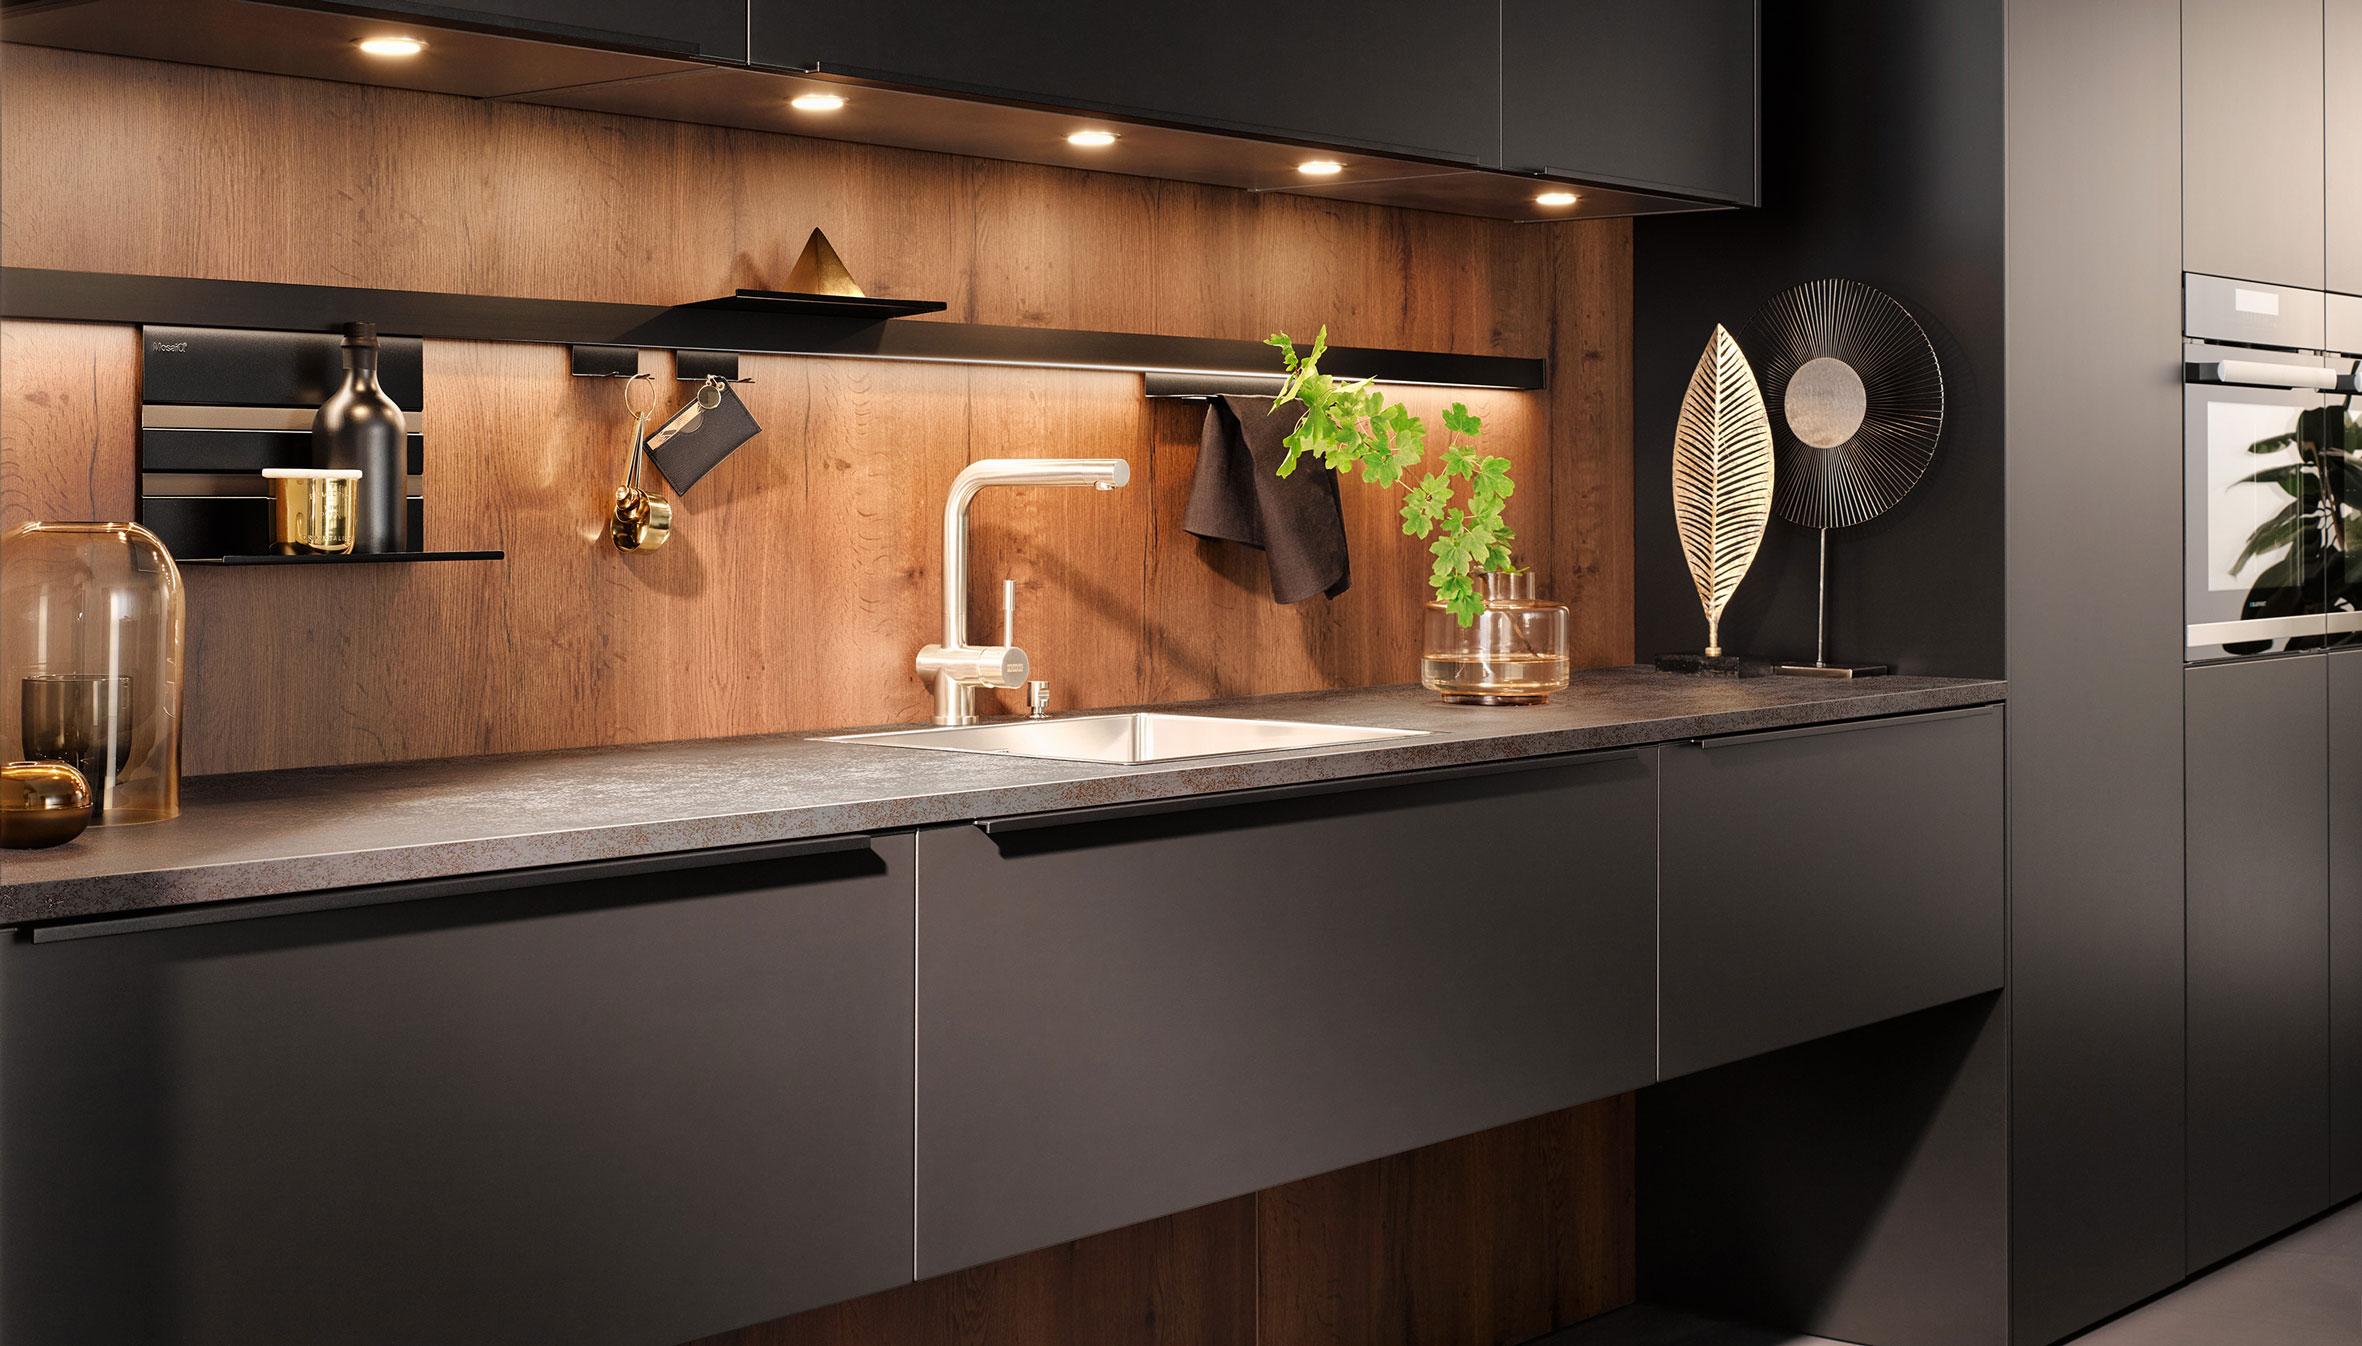 Leuke Ideeen Voor Een Stijlvolle Keukenwand Satink Keukens